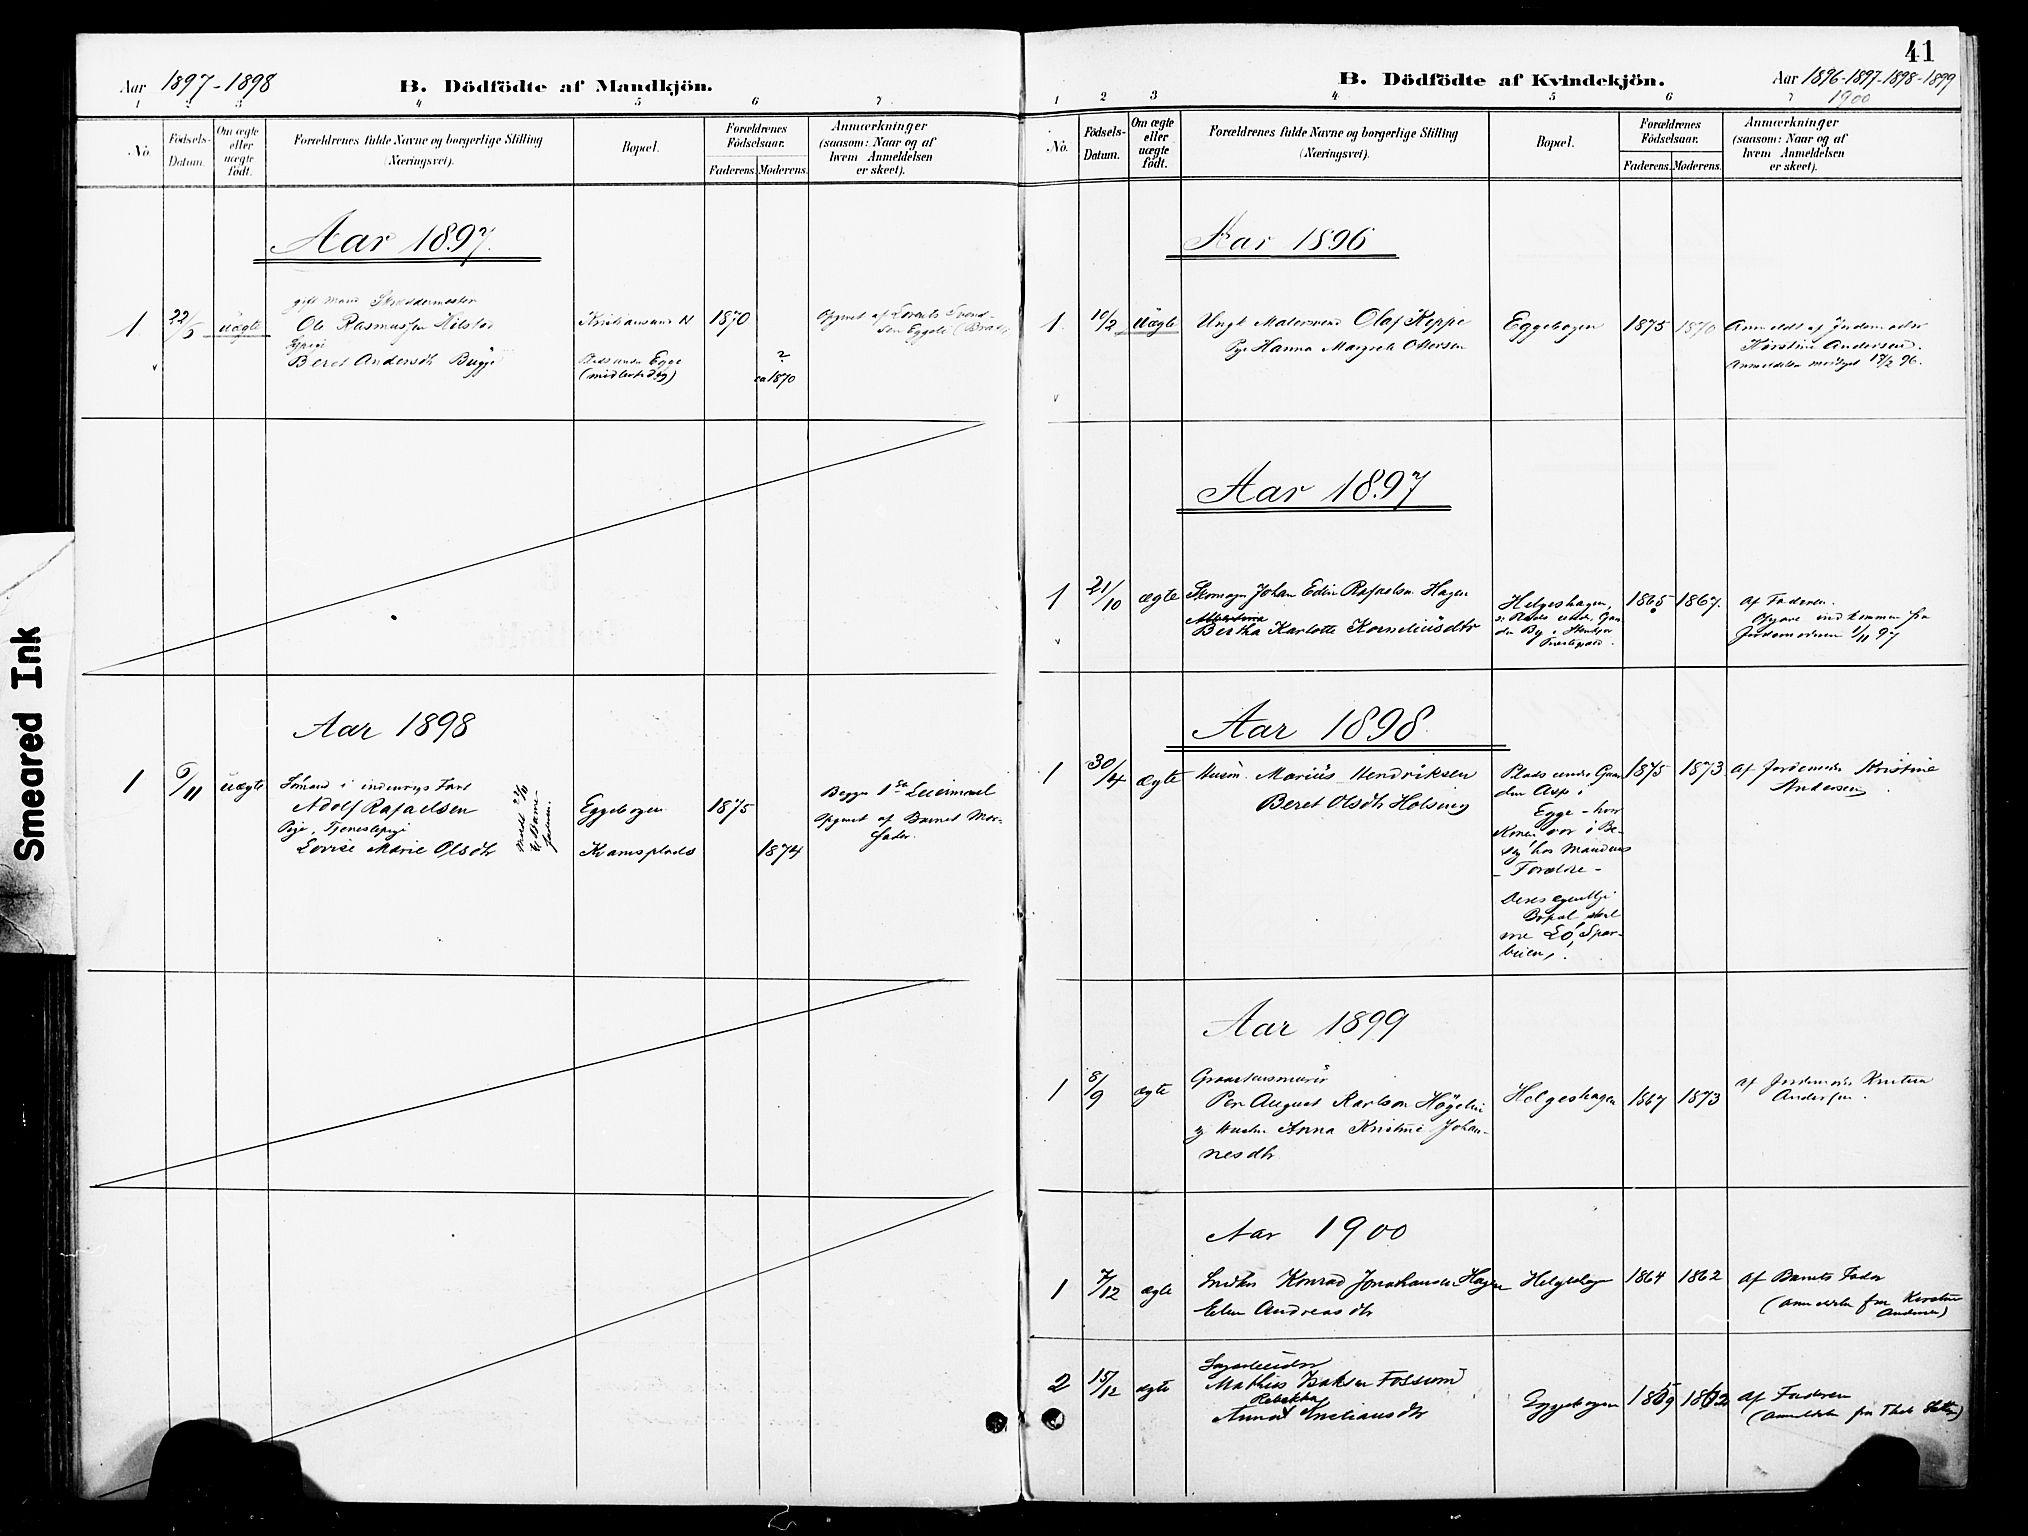 SAT, Ministerialprotokoller, klokkerbøker og fødselsregistre - Nord-Trøndelag, 740/L0379: Ministerialbok nr. 740A02, 1895-1907, s. 41